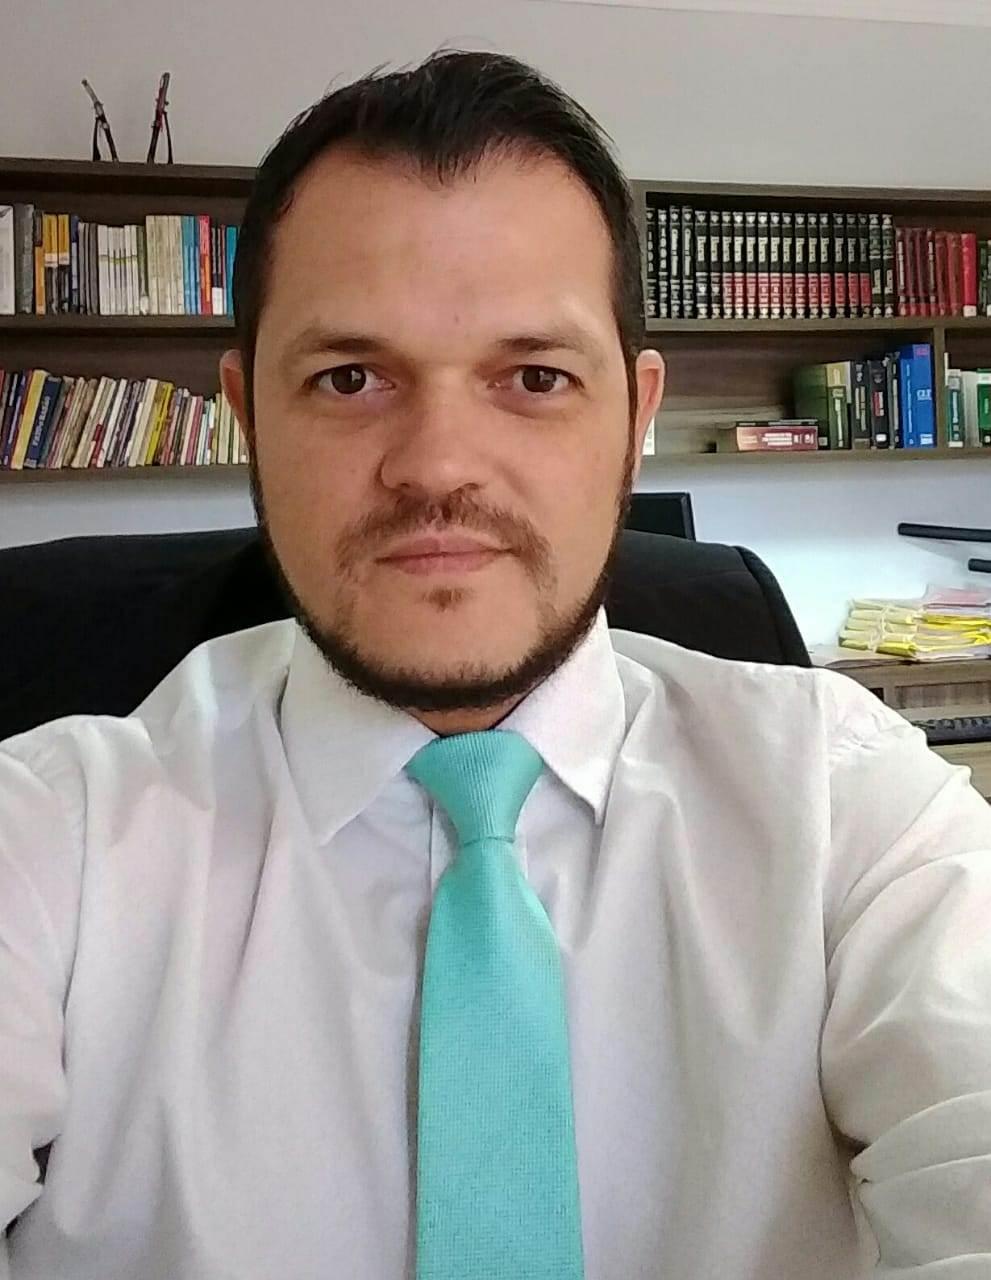 Advogado Alexandre Max comenta provável progressão de pena do condenado   Foto: Reprodução